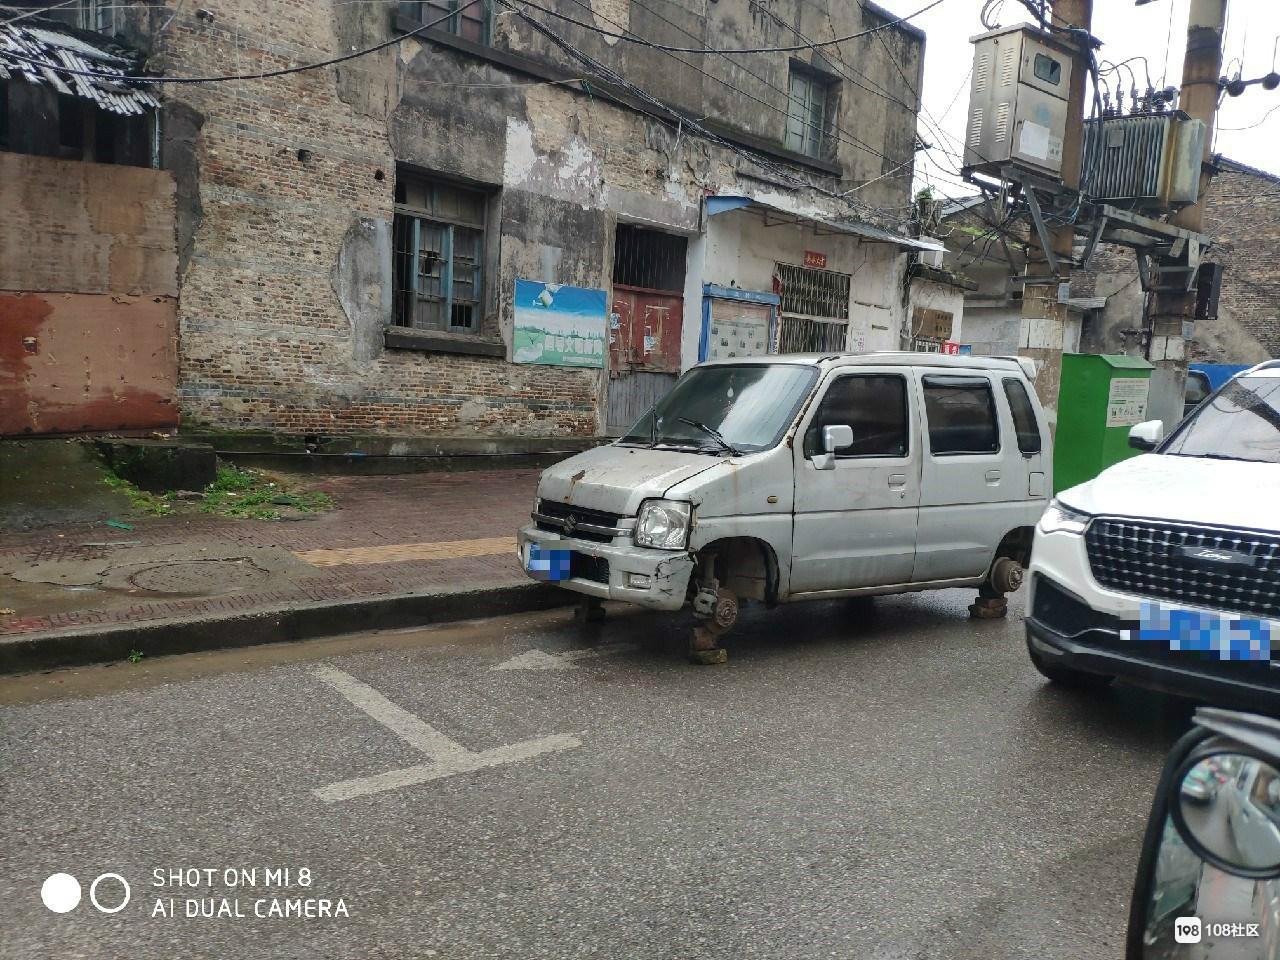 瓷都二中附近这辆车停路边 轮胎全都不见了 咋开走?